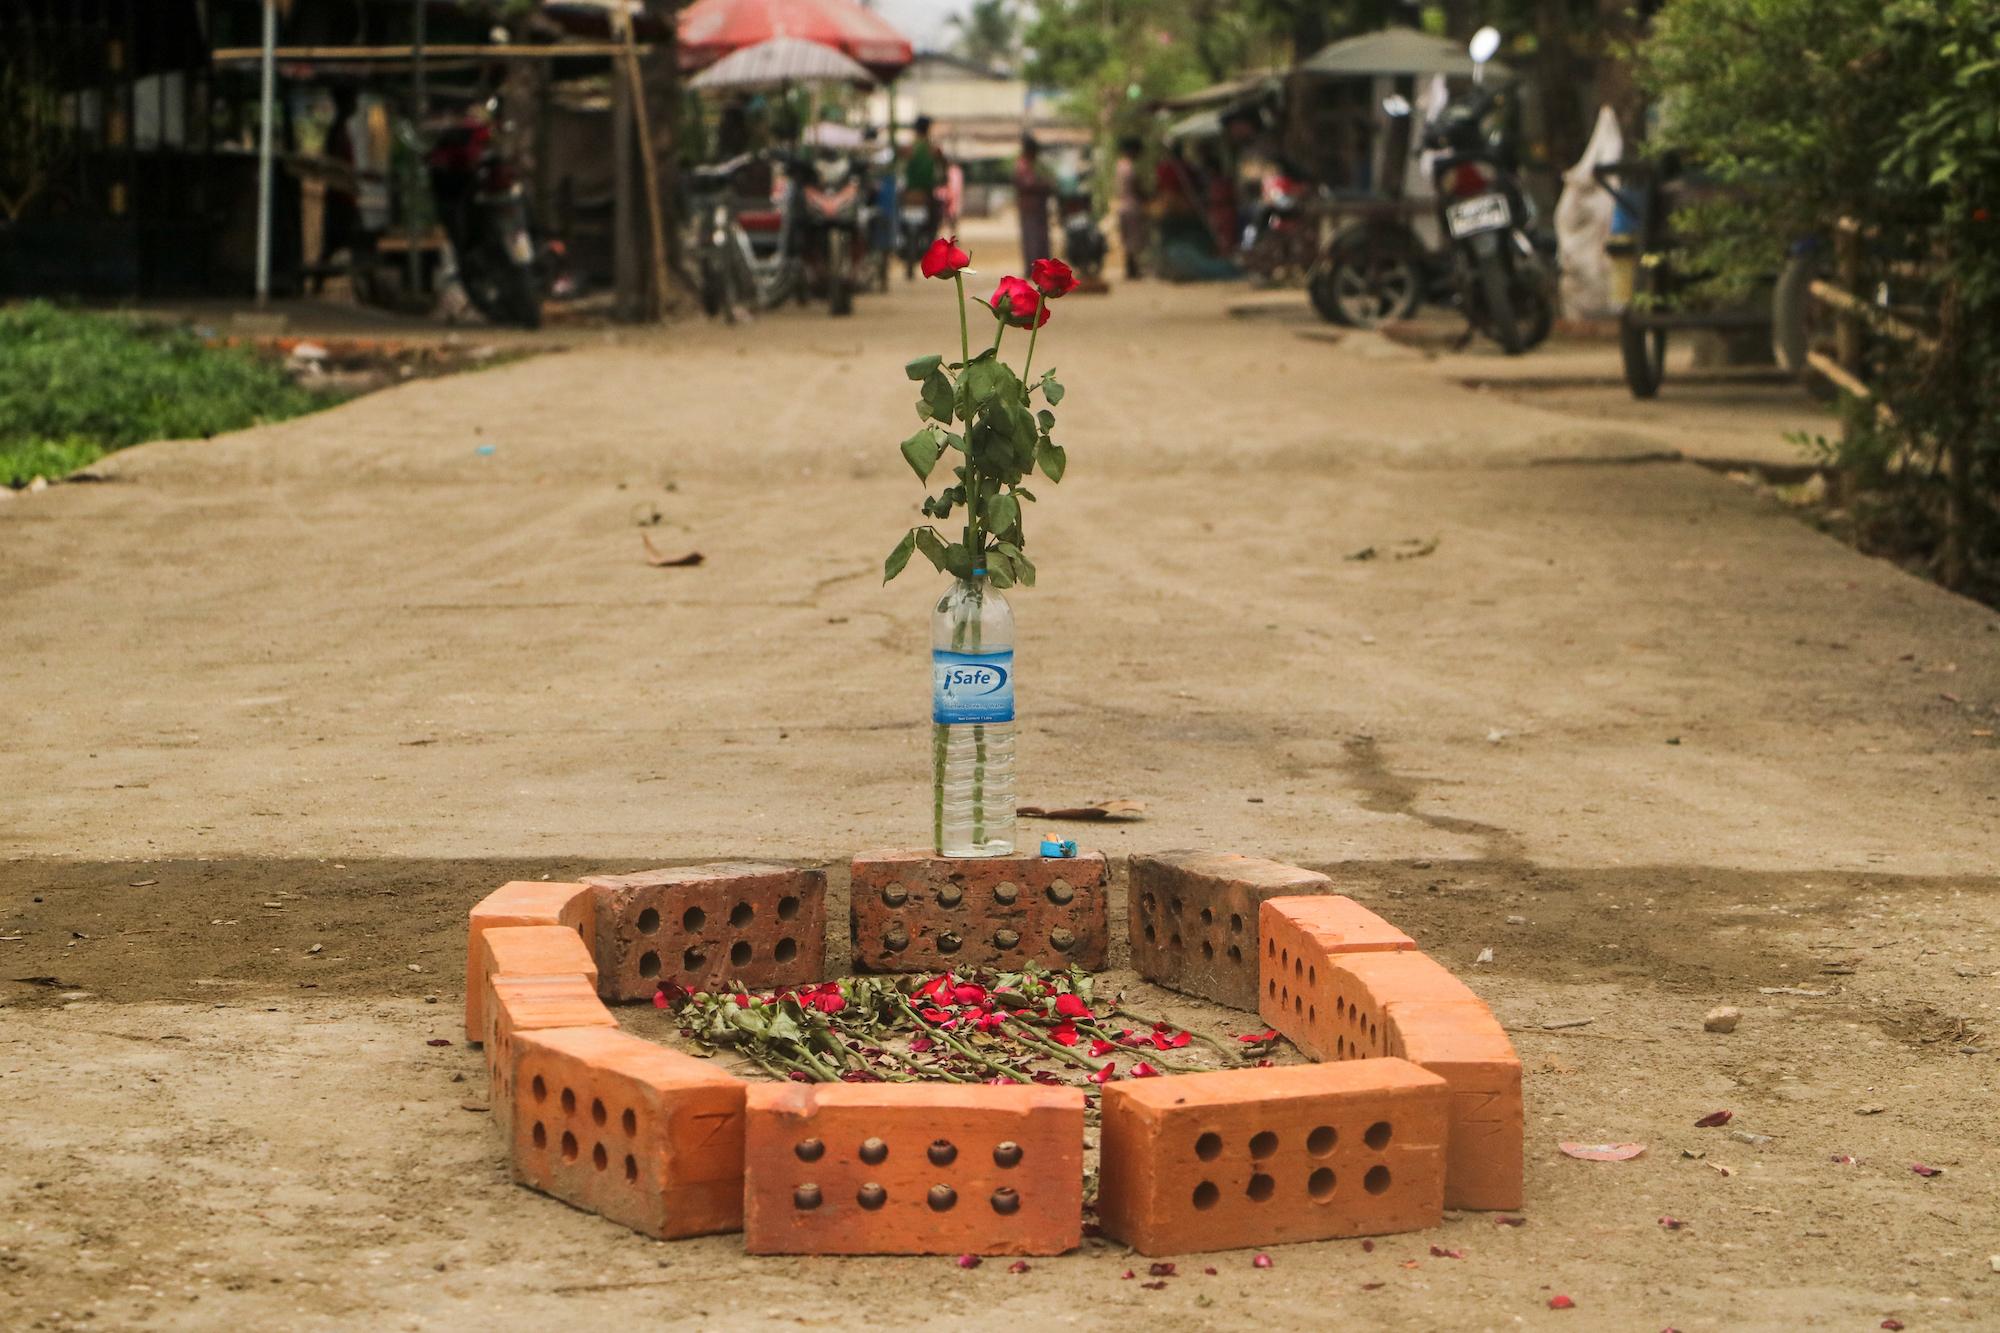 ဖြိုခွင်းမှုအတွင်း ဆန္ဒပြသူတစ်ဦး ကျဆုံးသွားသောနေရာတွင် နှင်းဆီပန်းစိုက်၍ အောက်မေ့သတိရမှုကို ပြသခဲ့ကြသည်။ (ဓာတ်ပုံ | ဖရွန်းတီးယားမြန်မာ)